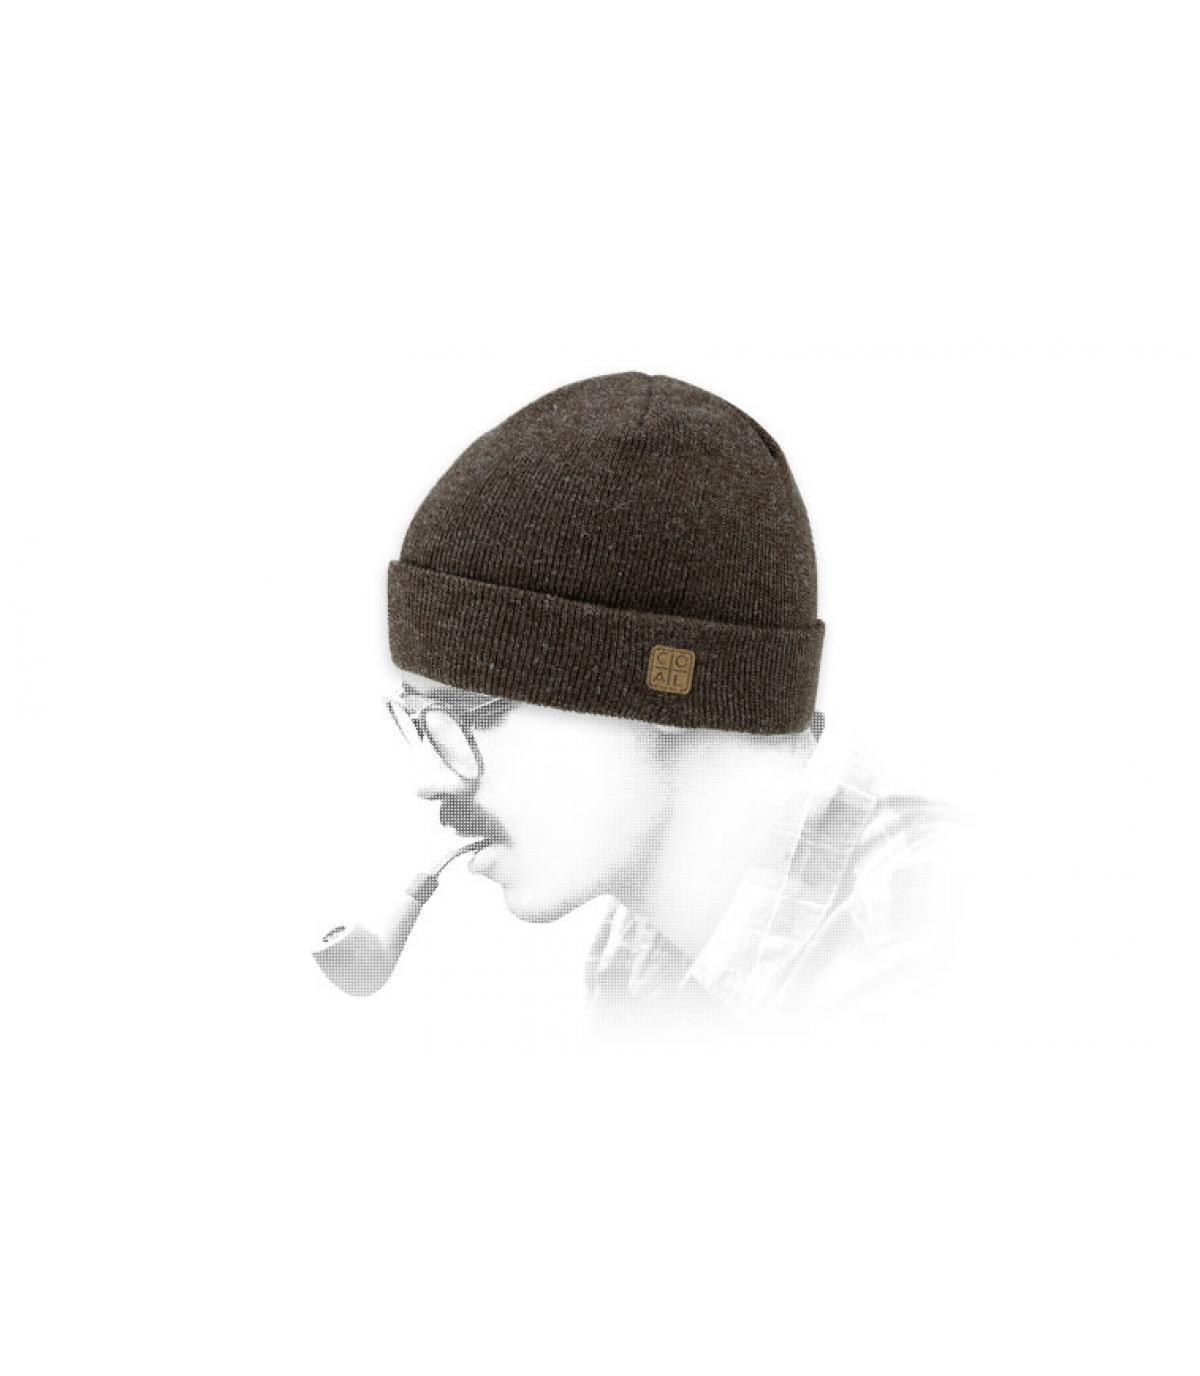 bonnet revers marron Coal